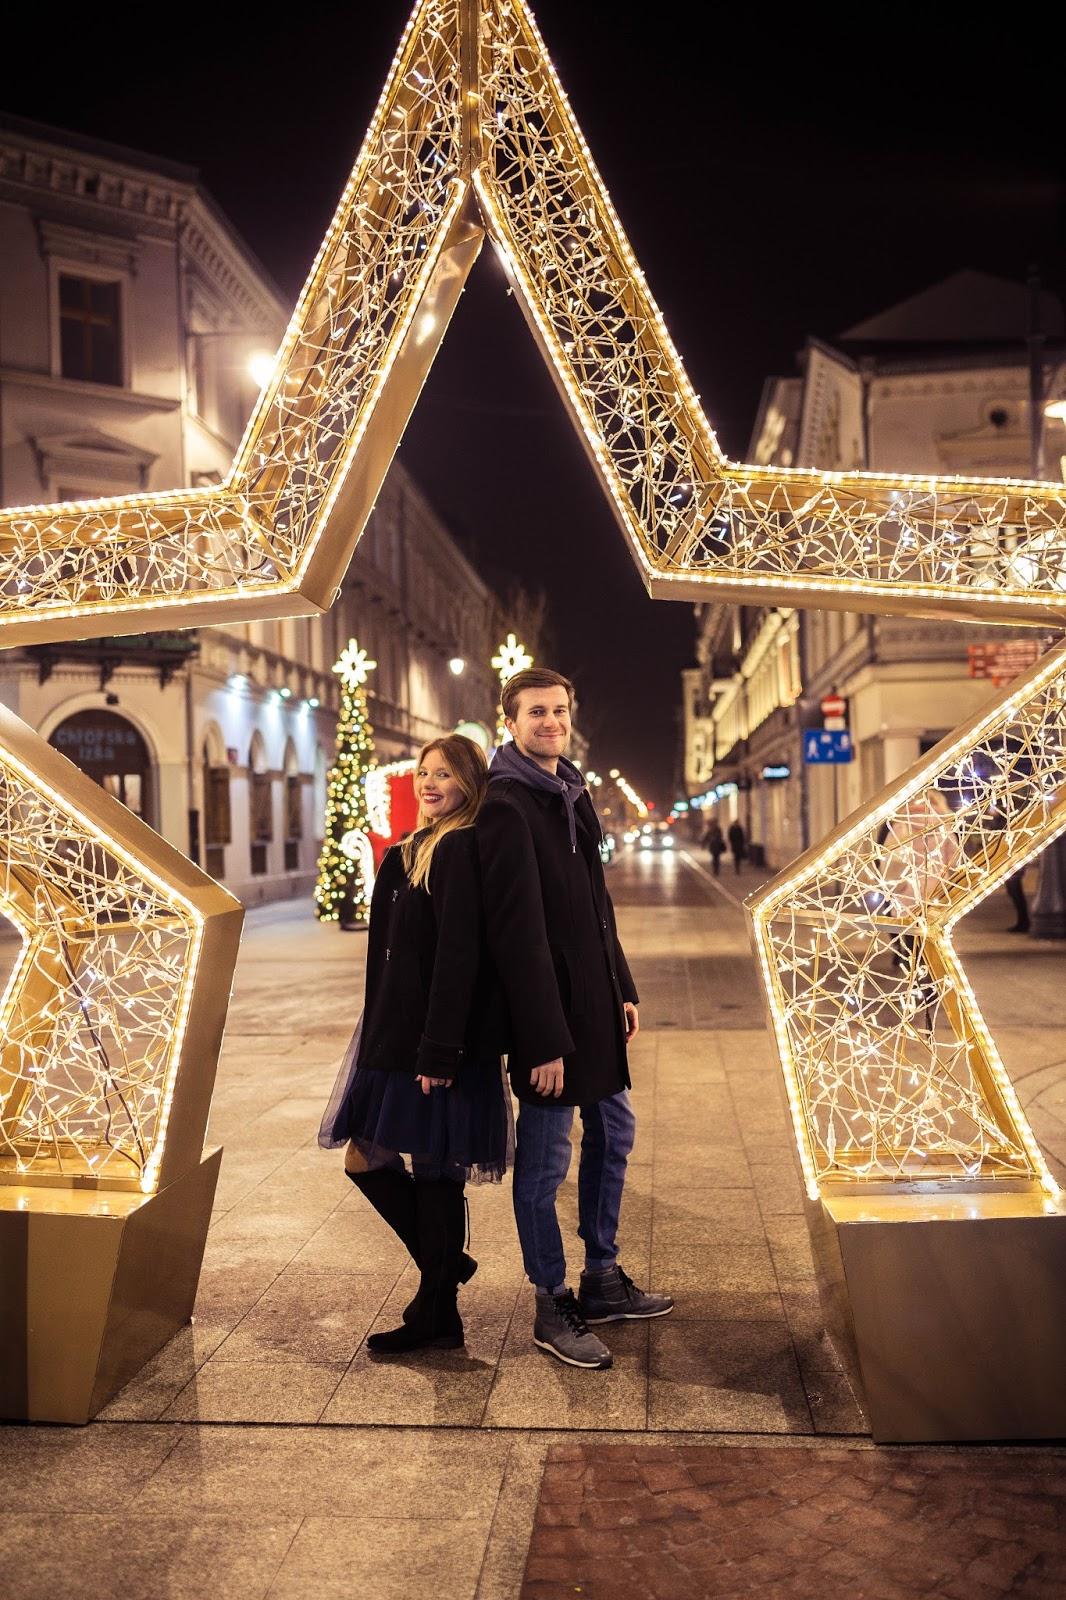 10 jakub0107 fotograf fotografia świąteczne sesje zdjęciowe melodylaniella zima christmas photography blog lifestyle